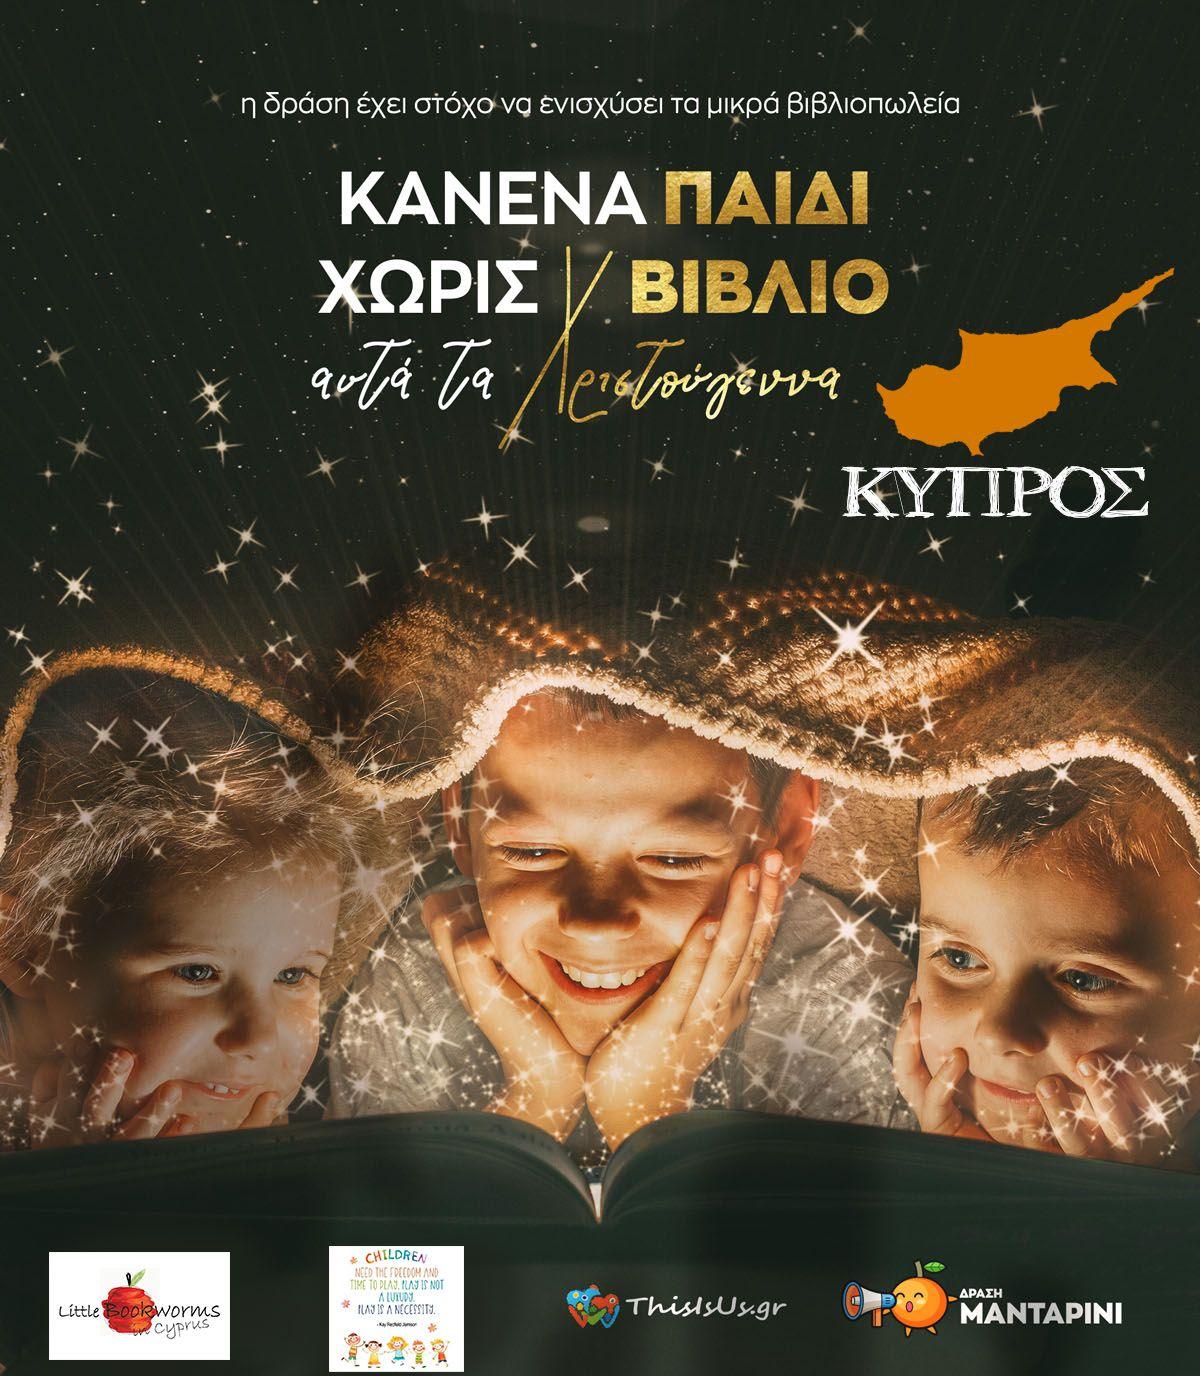 ΚΥΠΡΟΣ ΔΡΑΣΗ ΜΑΝΤΑΡΙΝΙ: Κανένα παιδί χωρίς βιβλίο – Thisisus.gr